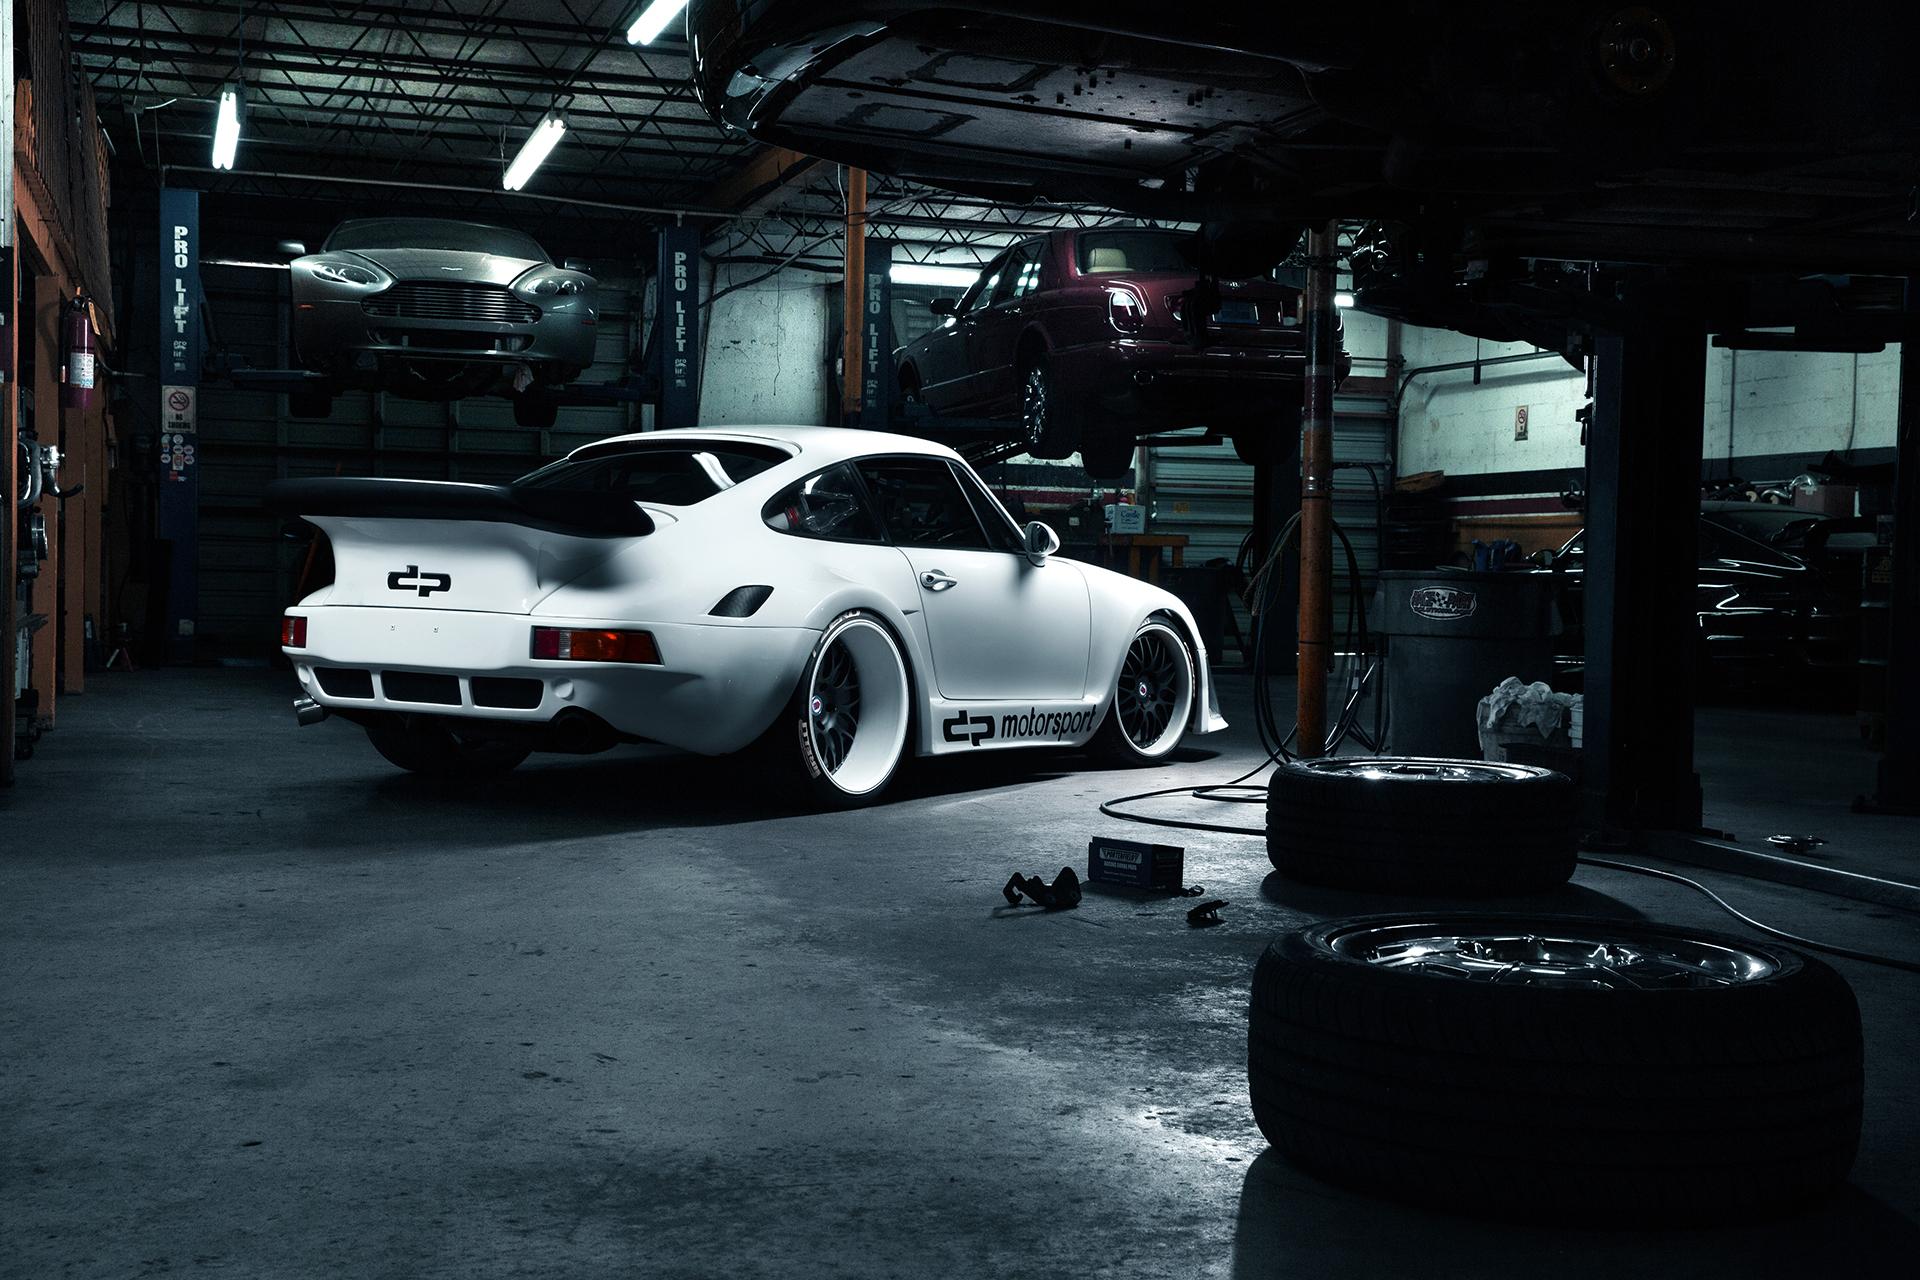 Slantnose Porsche 2